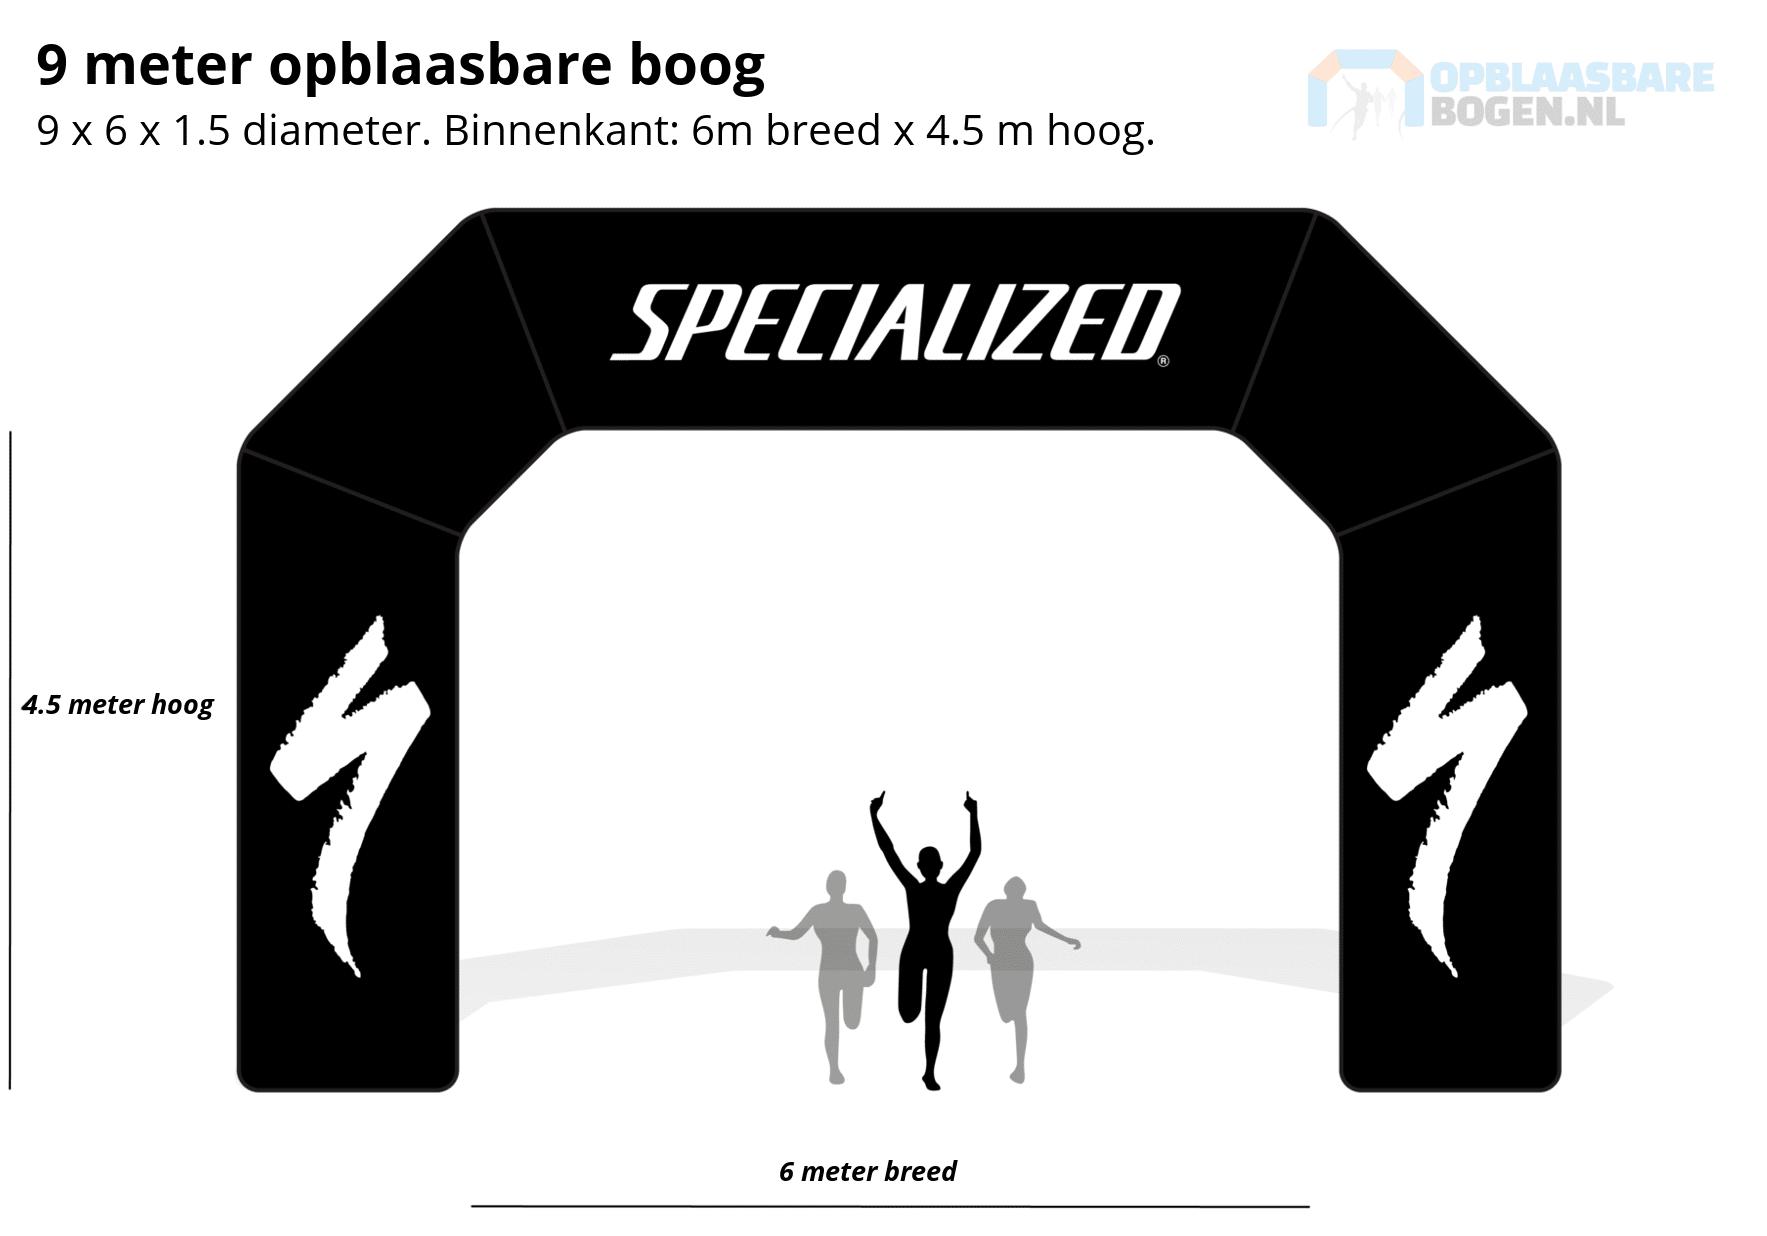 Ontwerp 9 meter Opblaasbare boog voor SPECIALIZED -Opblaasbarebogen.nl-